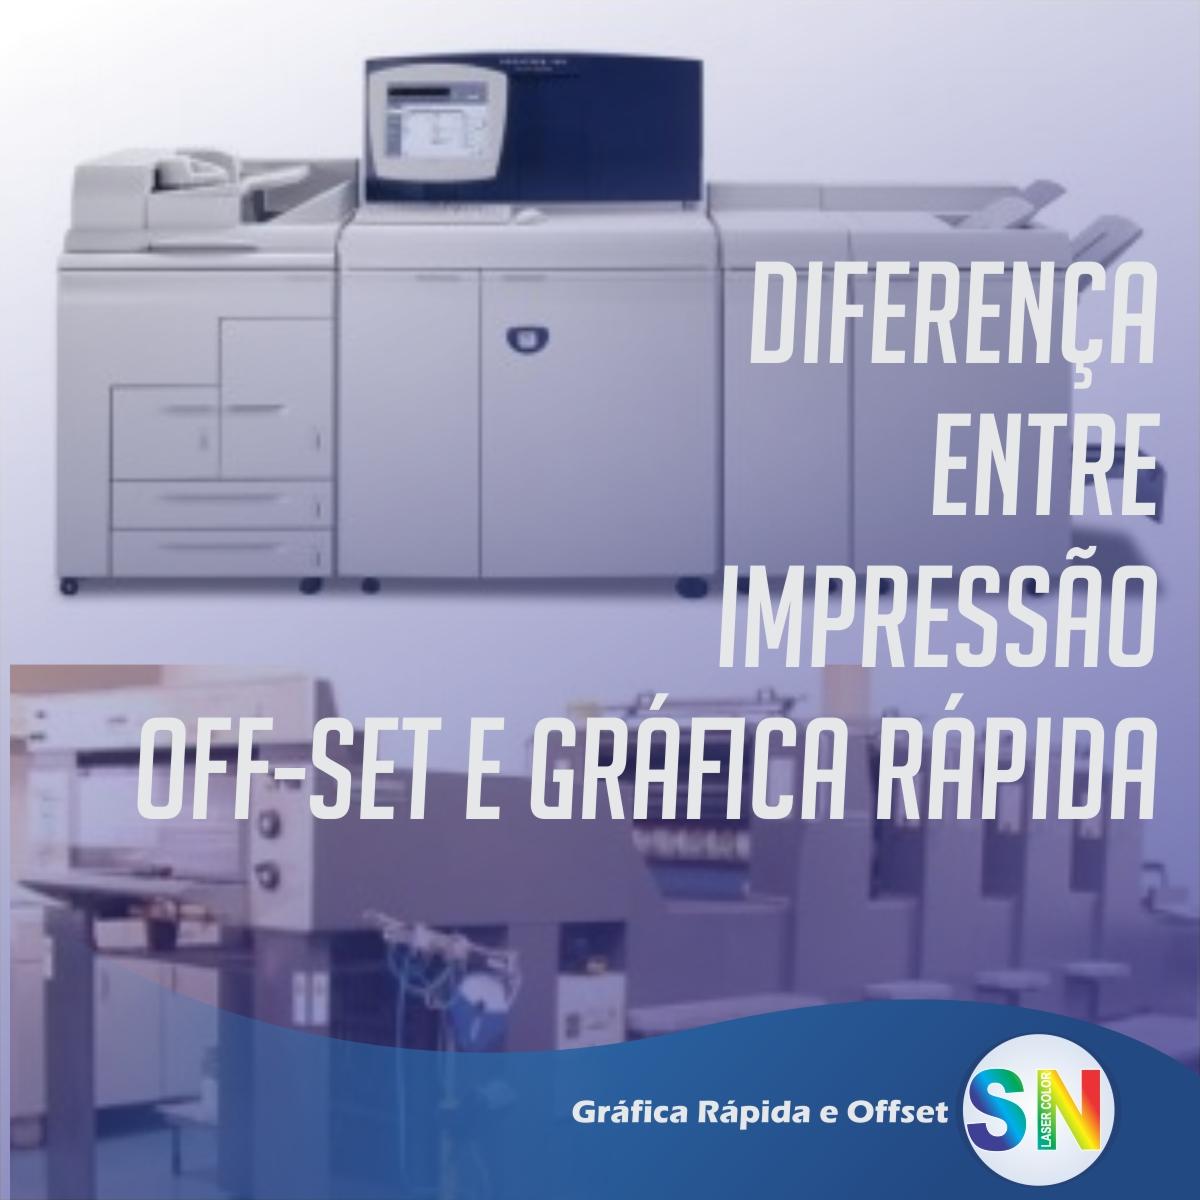 Diferença entre impressão off-set e gráfica rápida